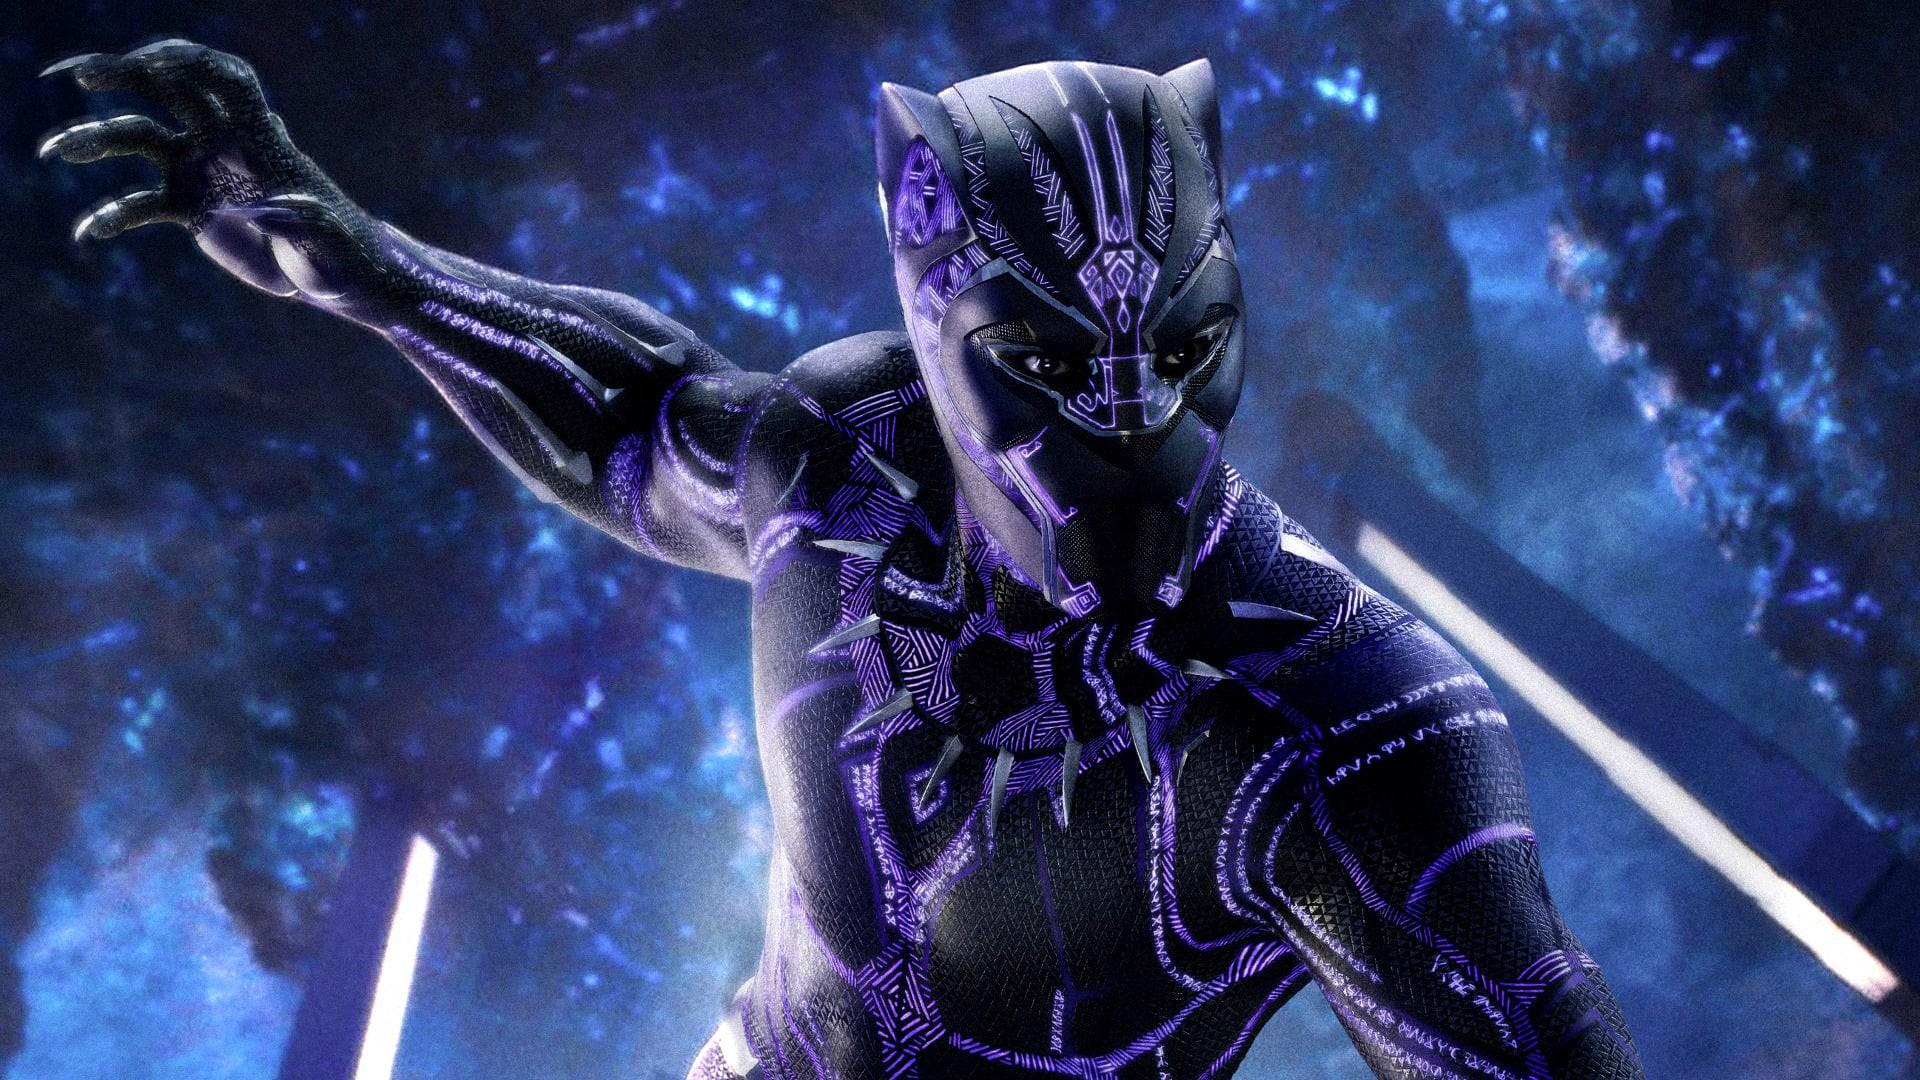 Tất tần tật về 8 nhân vật chủ chốt bạn cần biết trong bom tấn Black Panther - Ảnh 2.